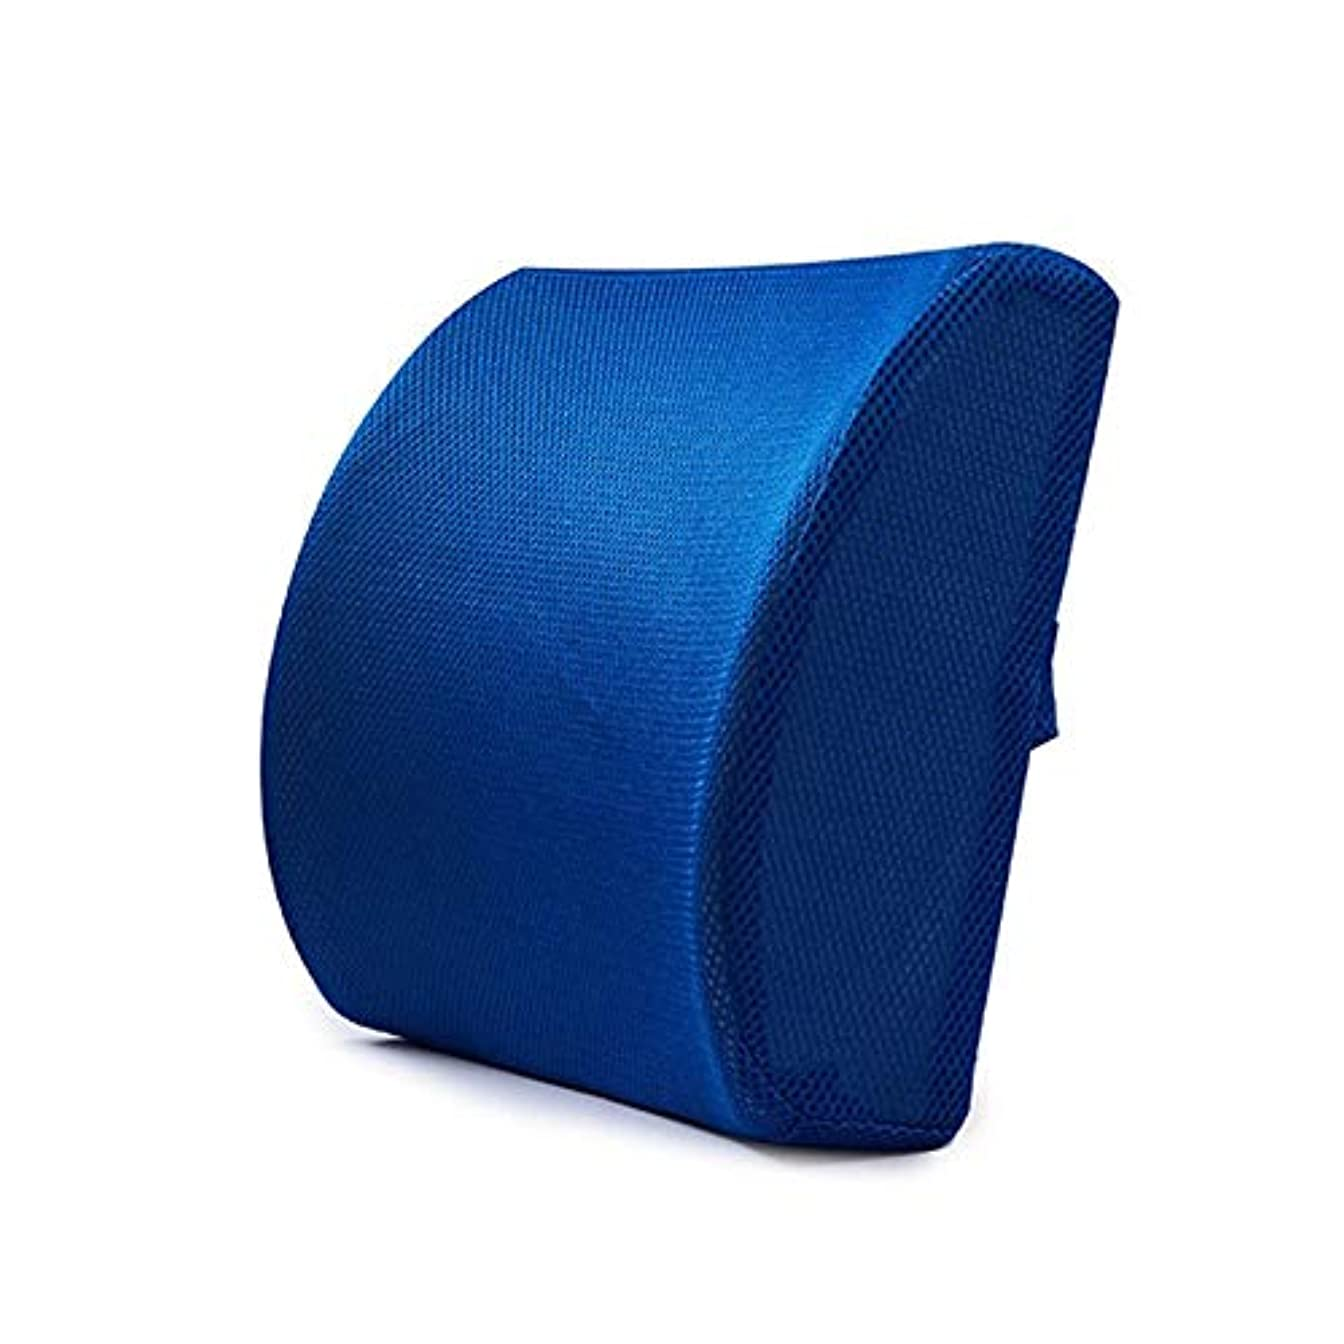 押すクリーナー違うLIFE ホームオフィス背もたれ椅子腰椎クッションカーシートネック枕 3D 低反発サポートバックマッサージウエストレスリビング枕 クッション 椅子